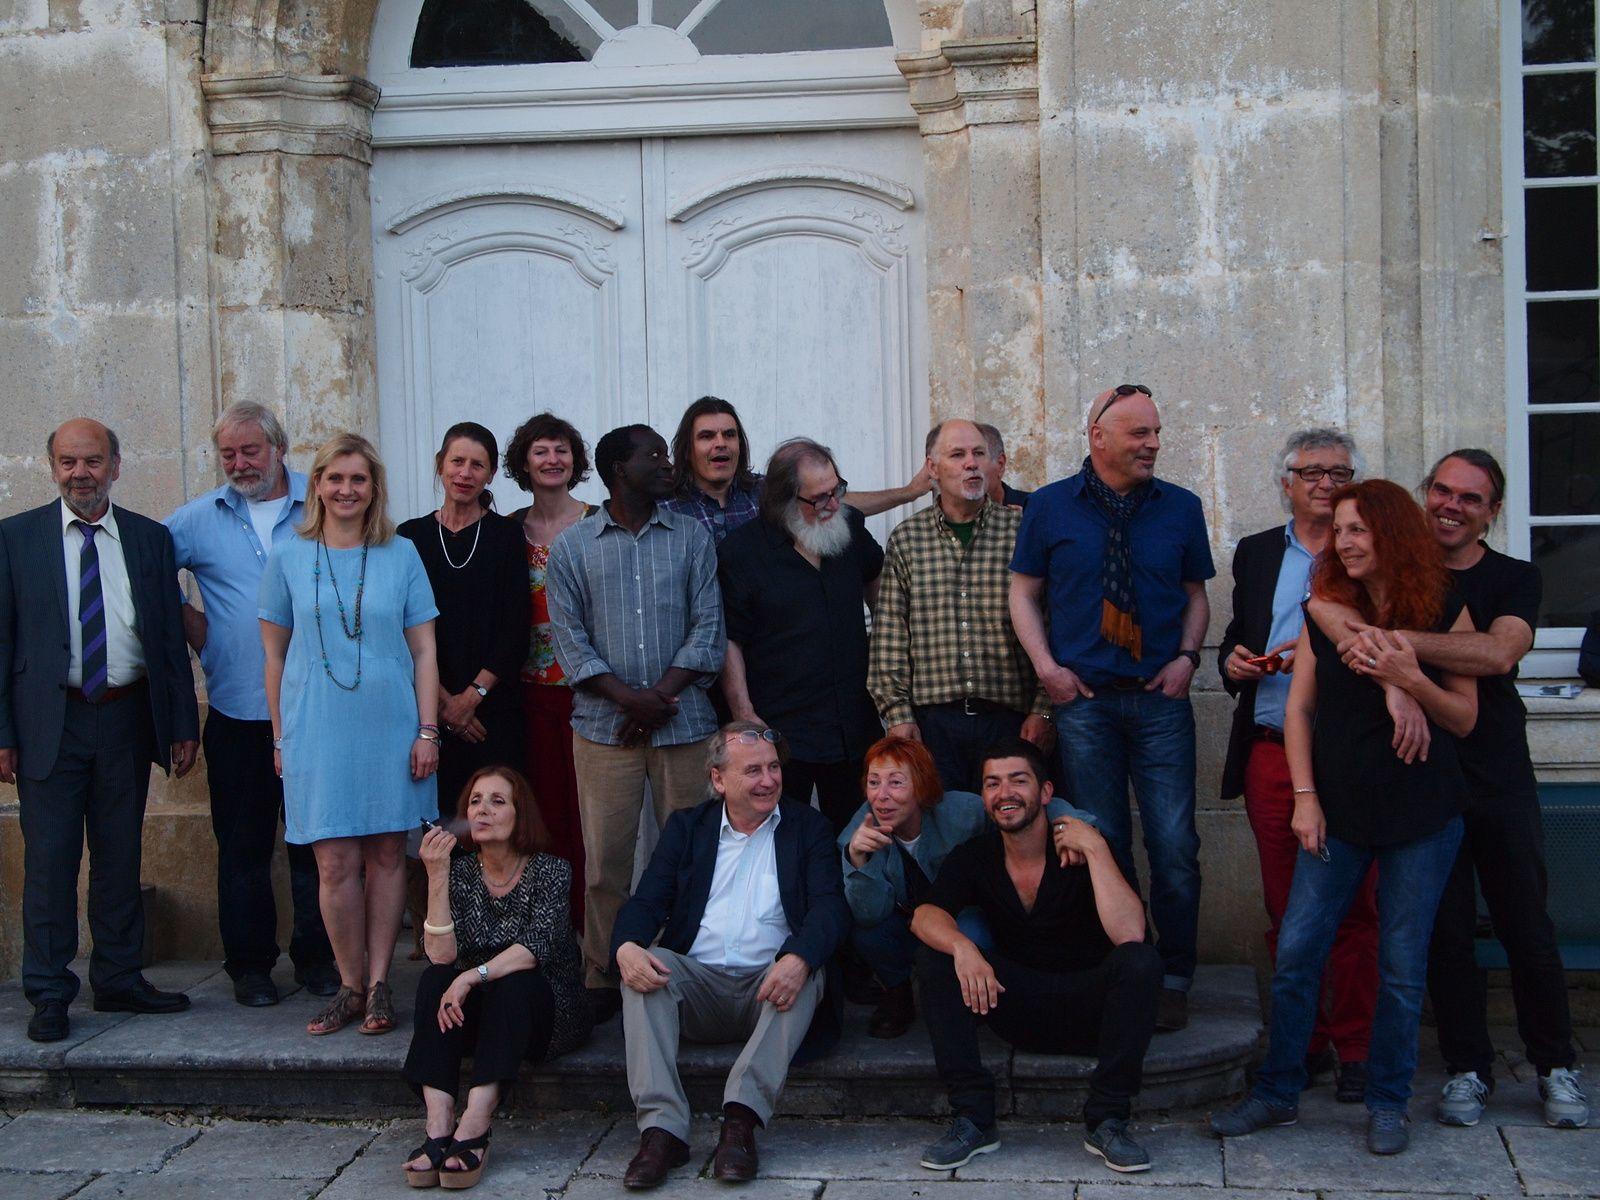 Alexia Volot, Laurent Danchin et les artistes de l'exposition Mycelium génie savant - génie brut du 8 juin au 28 septembre 2014 à l'Abbaye d'Auverive